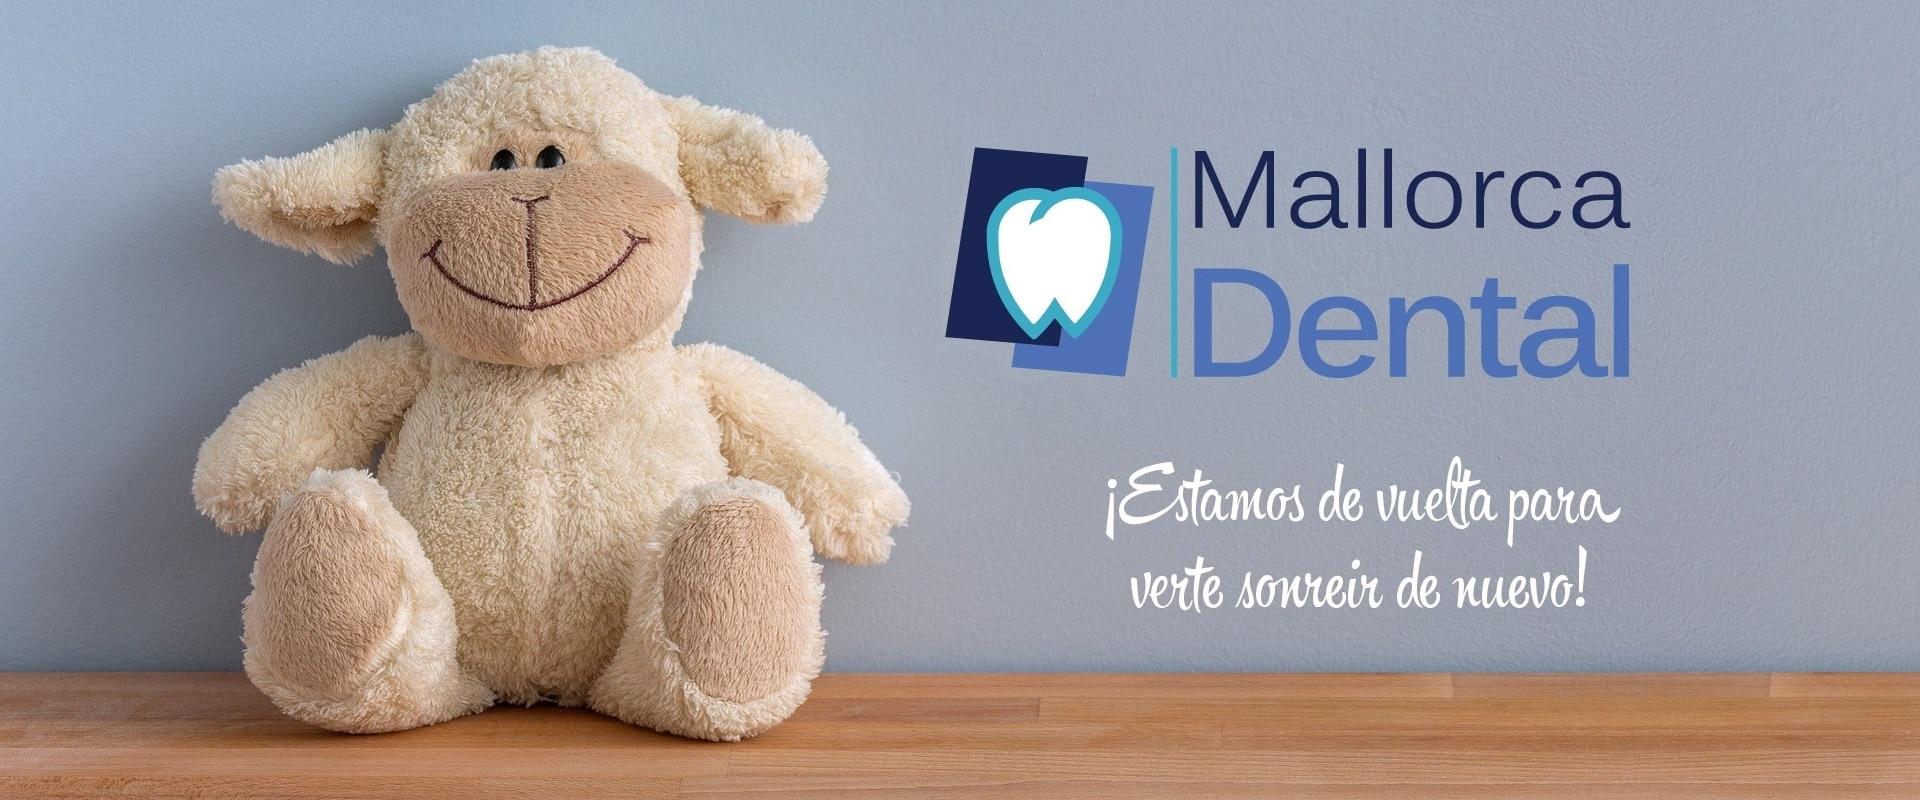 Dentistas en Palma de Mallorca - Mallorca Dental - Estamos de vuelta